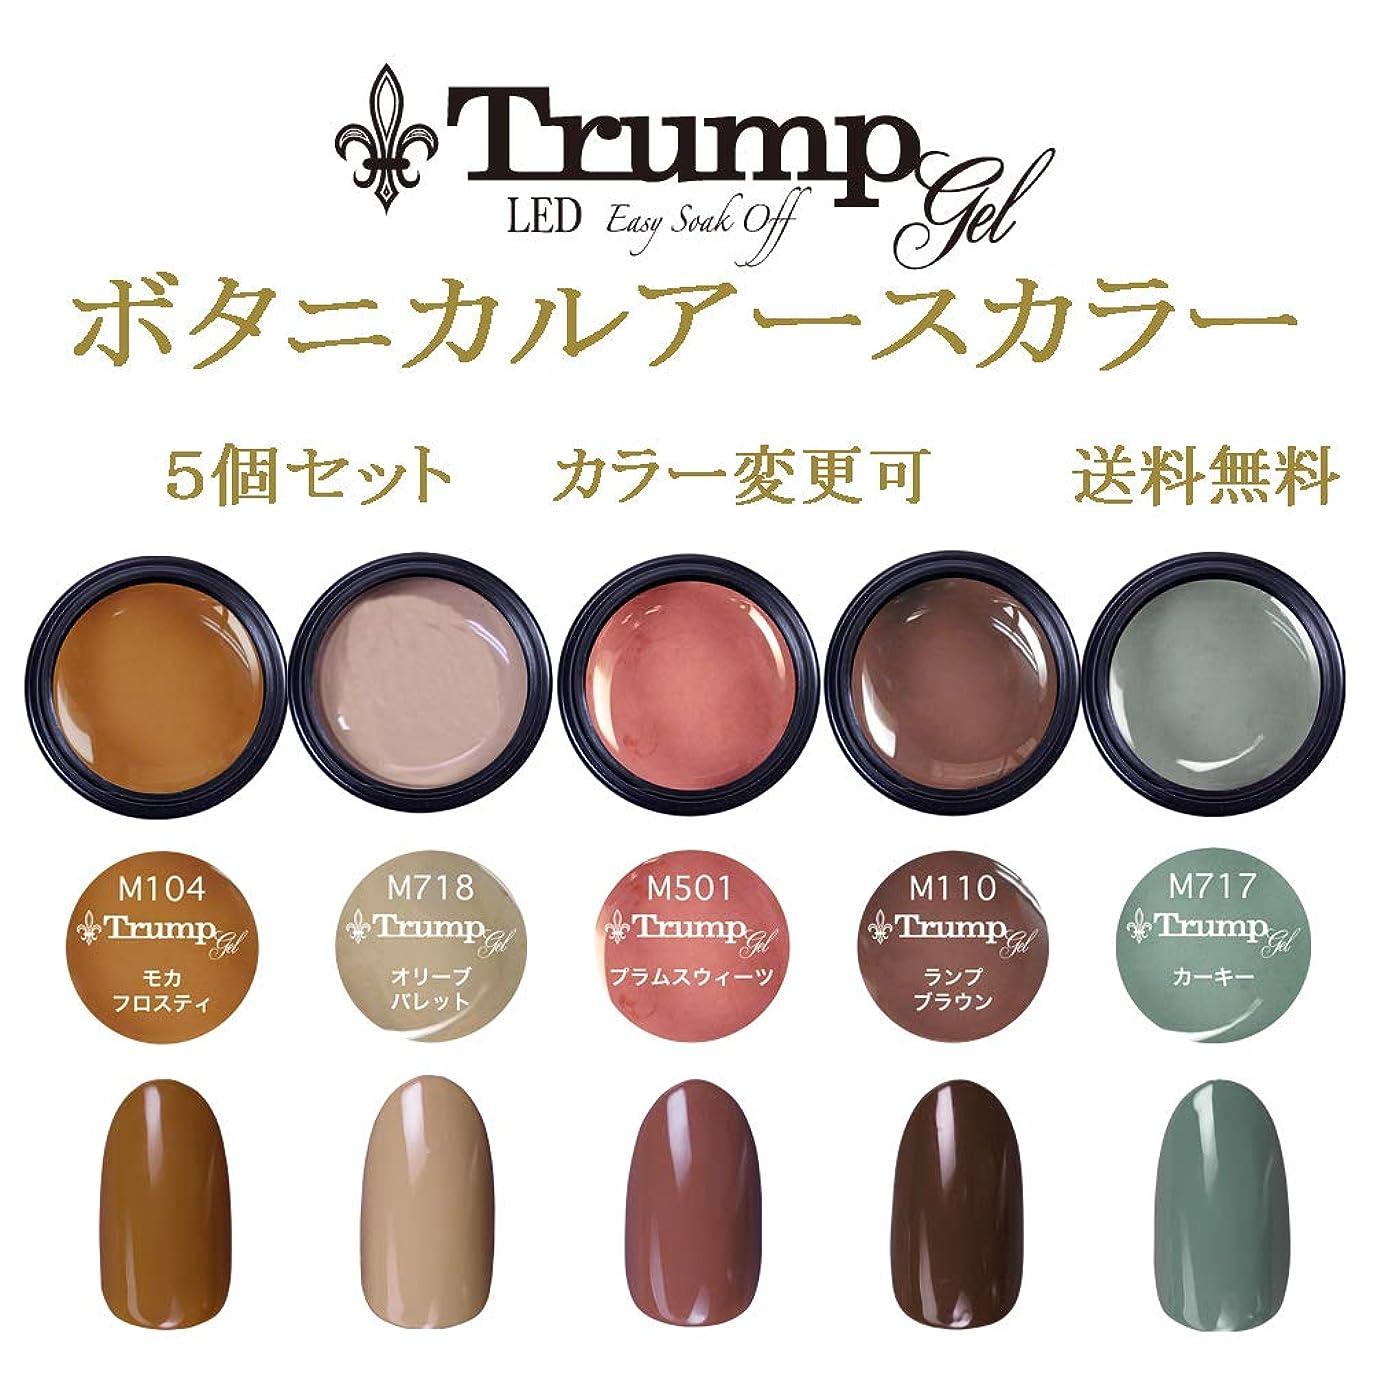 エラー発表する手当【送料無料】日本製 Trump gel ボタニカルアースカラージェル5個セット 人気のボタニカルカラーをセット